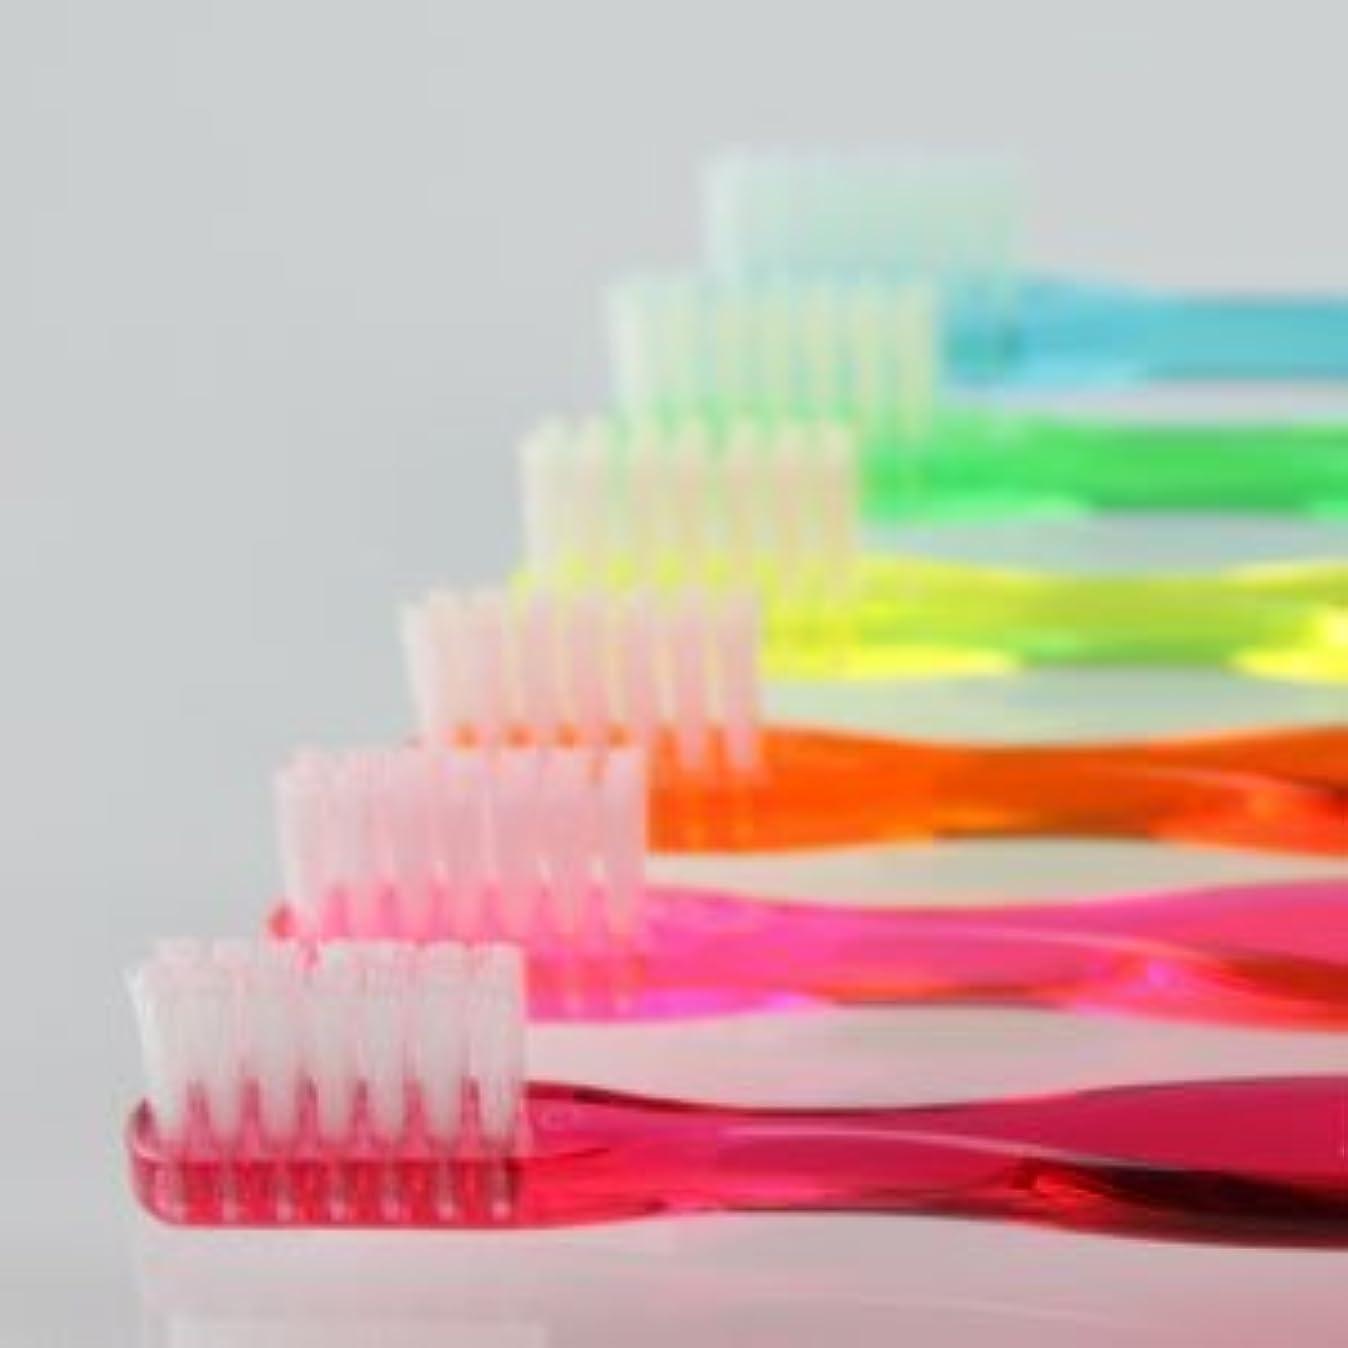 ヘルシー熟考するランダムサムフレンド 歯ブラシ #20(ミニ) 6本 ※お色は当店お任せです